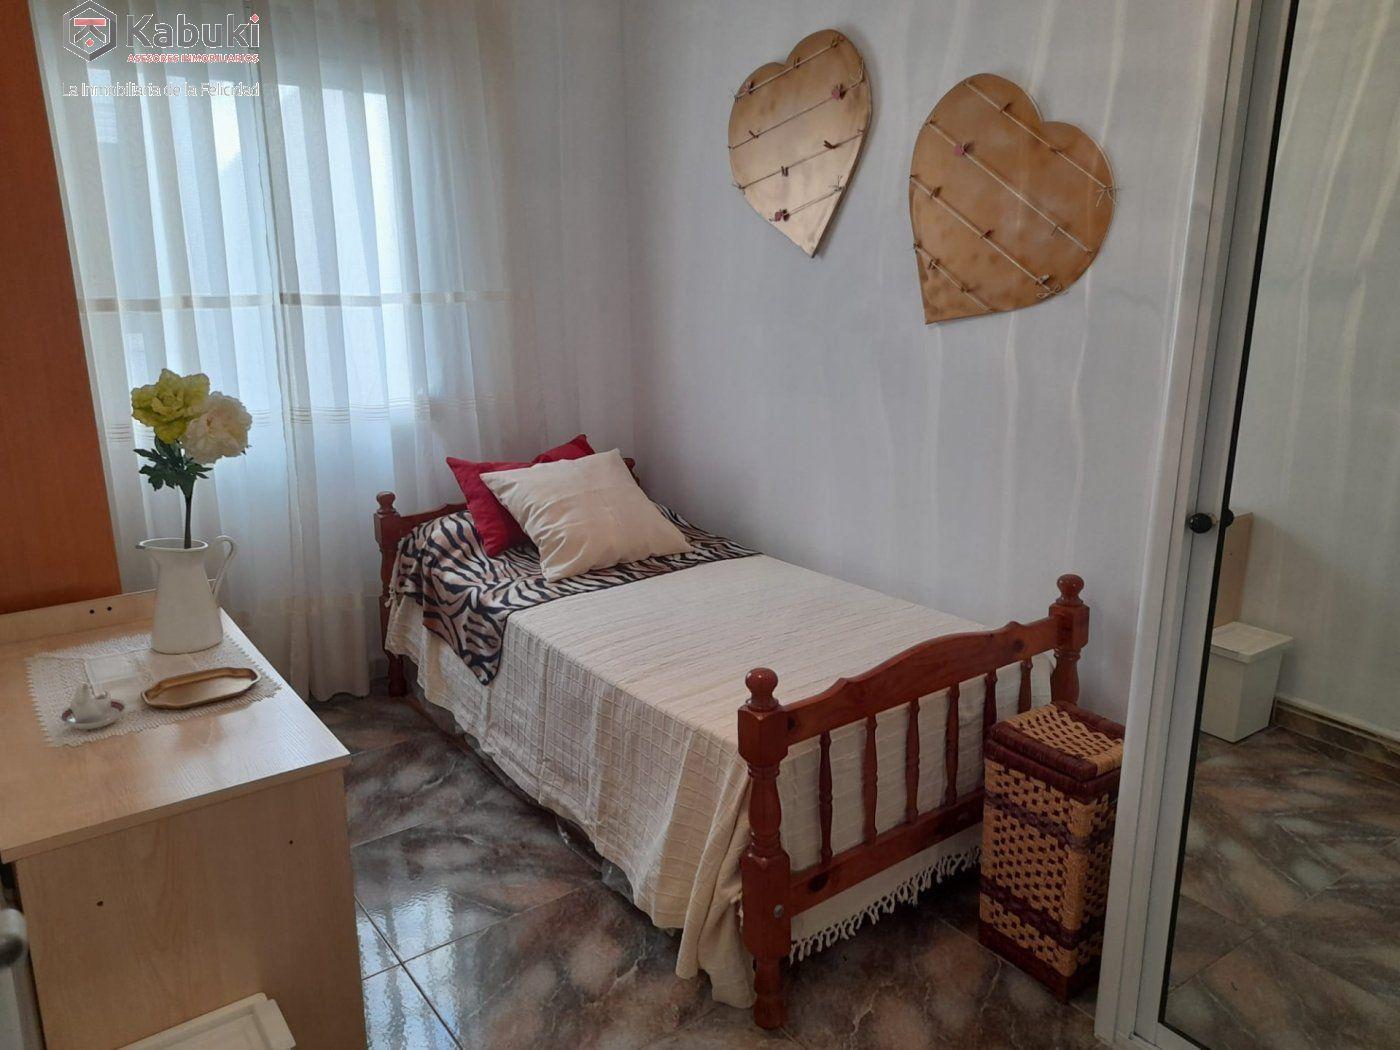 Magnífico inmueble en alquiler en zona hipercor. ideal para familias, luminoso y espacioso - imagenInmueble7